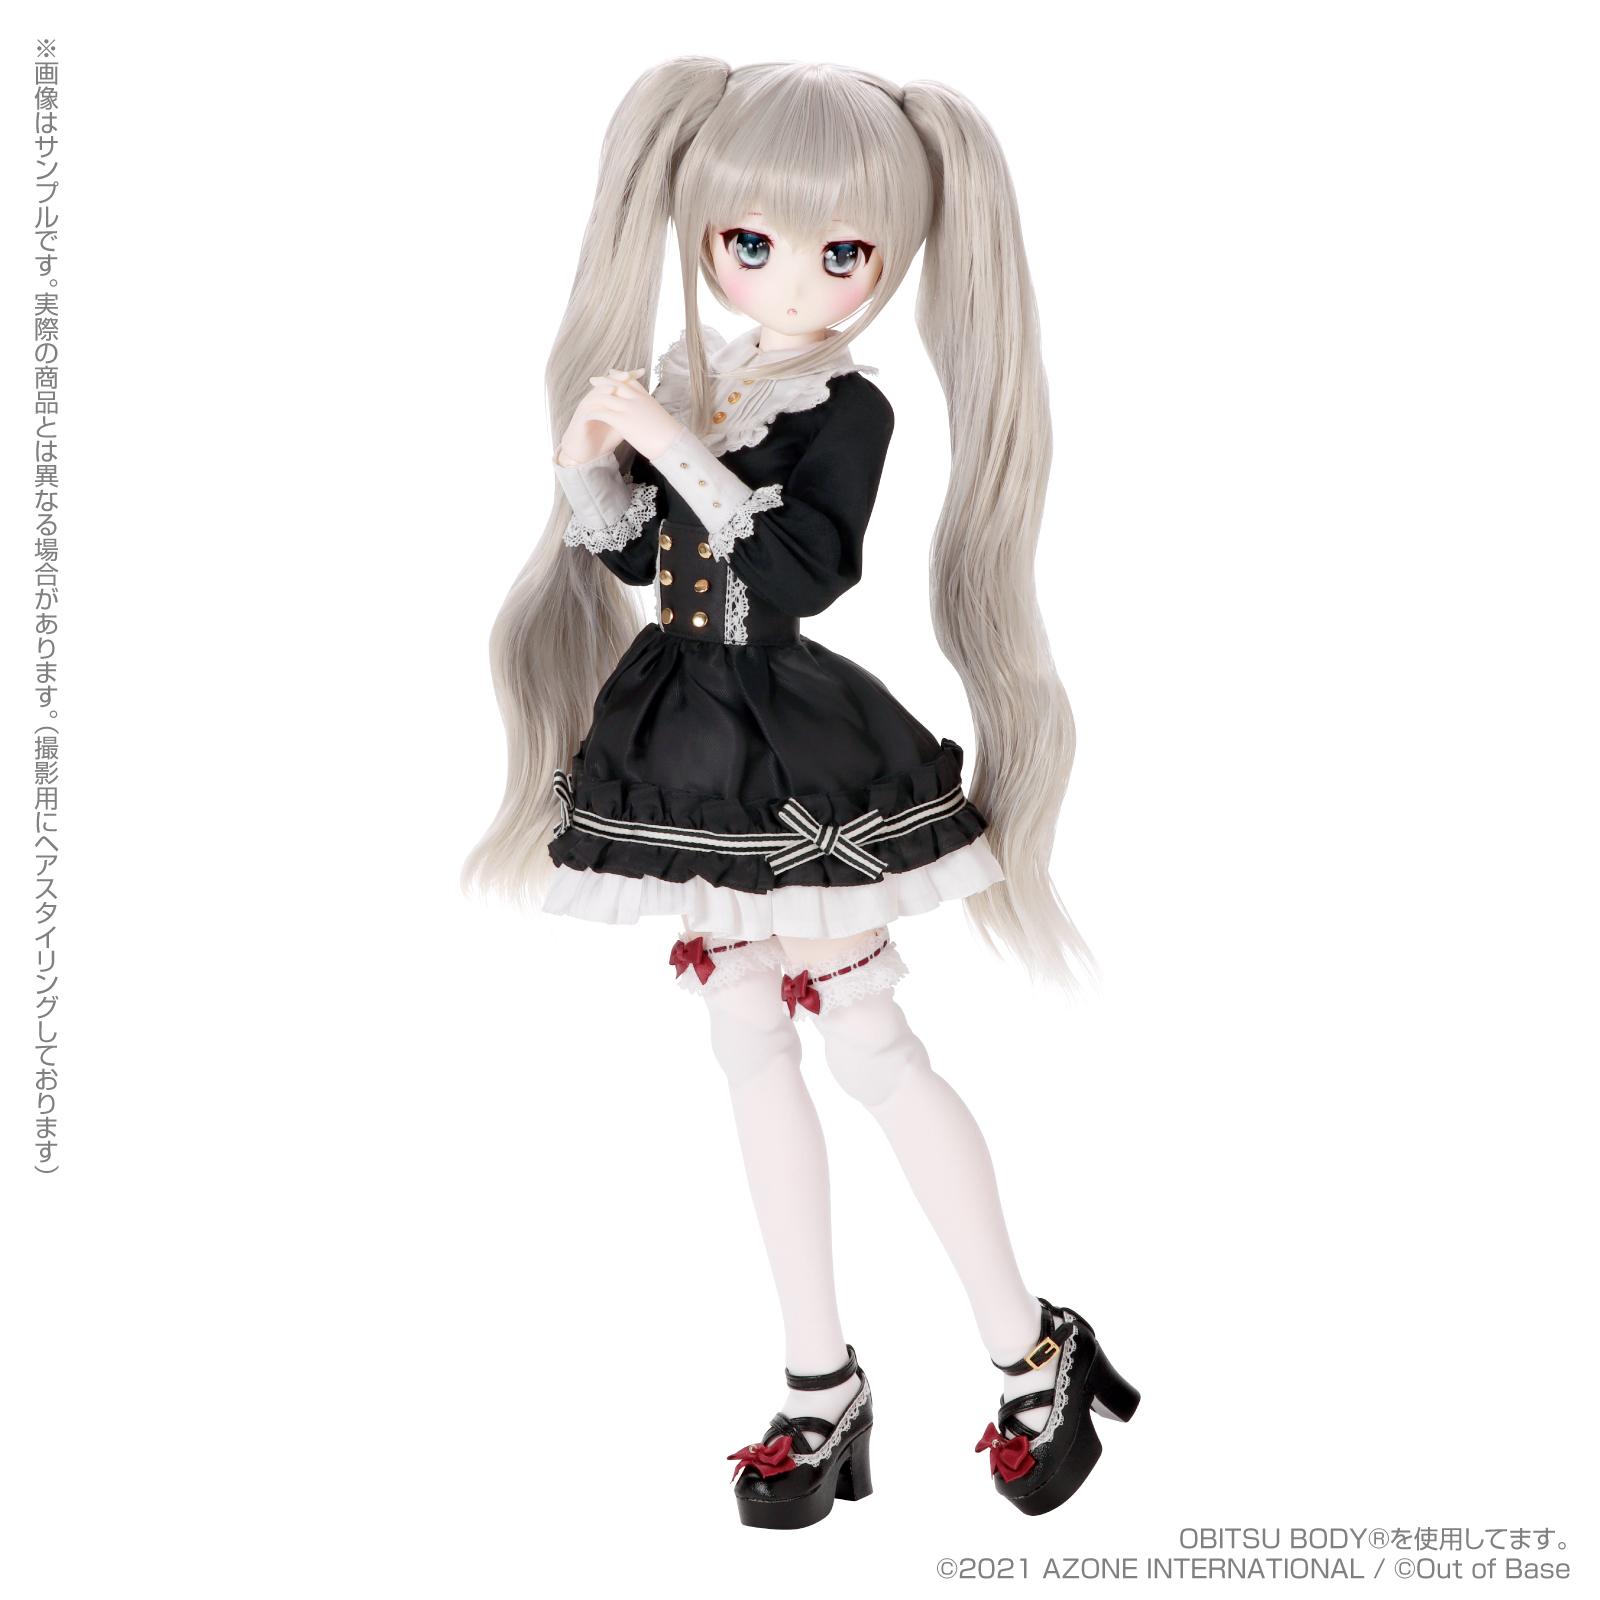 Iris Collect petit『すずね/~Wonder fraulein~Goth×Loli cats(通常販売ver.)』アイリスコレクト プチ 1/3 完成品ドール-009